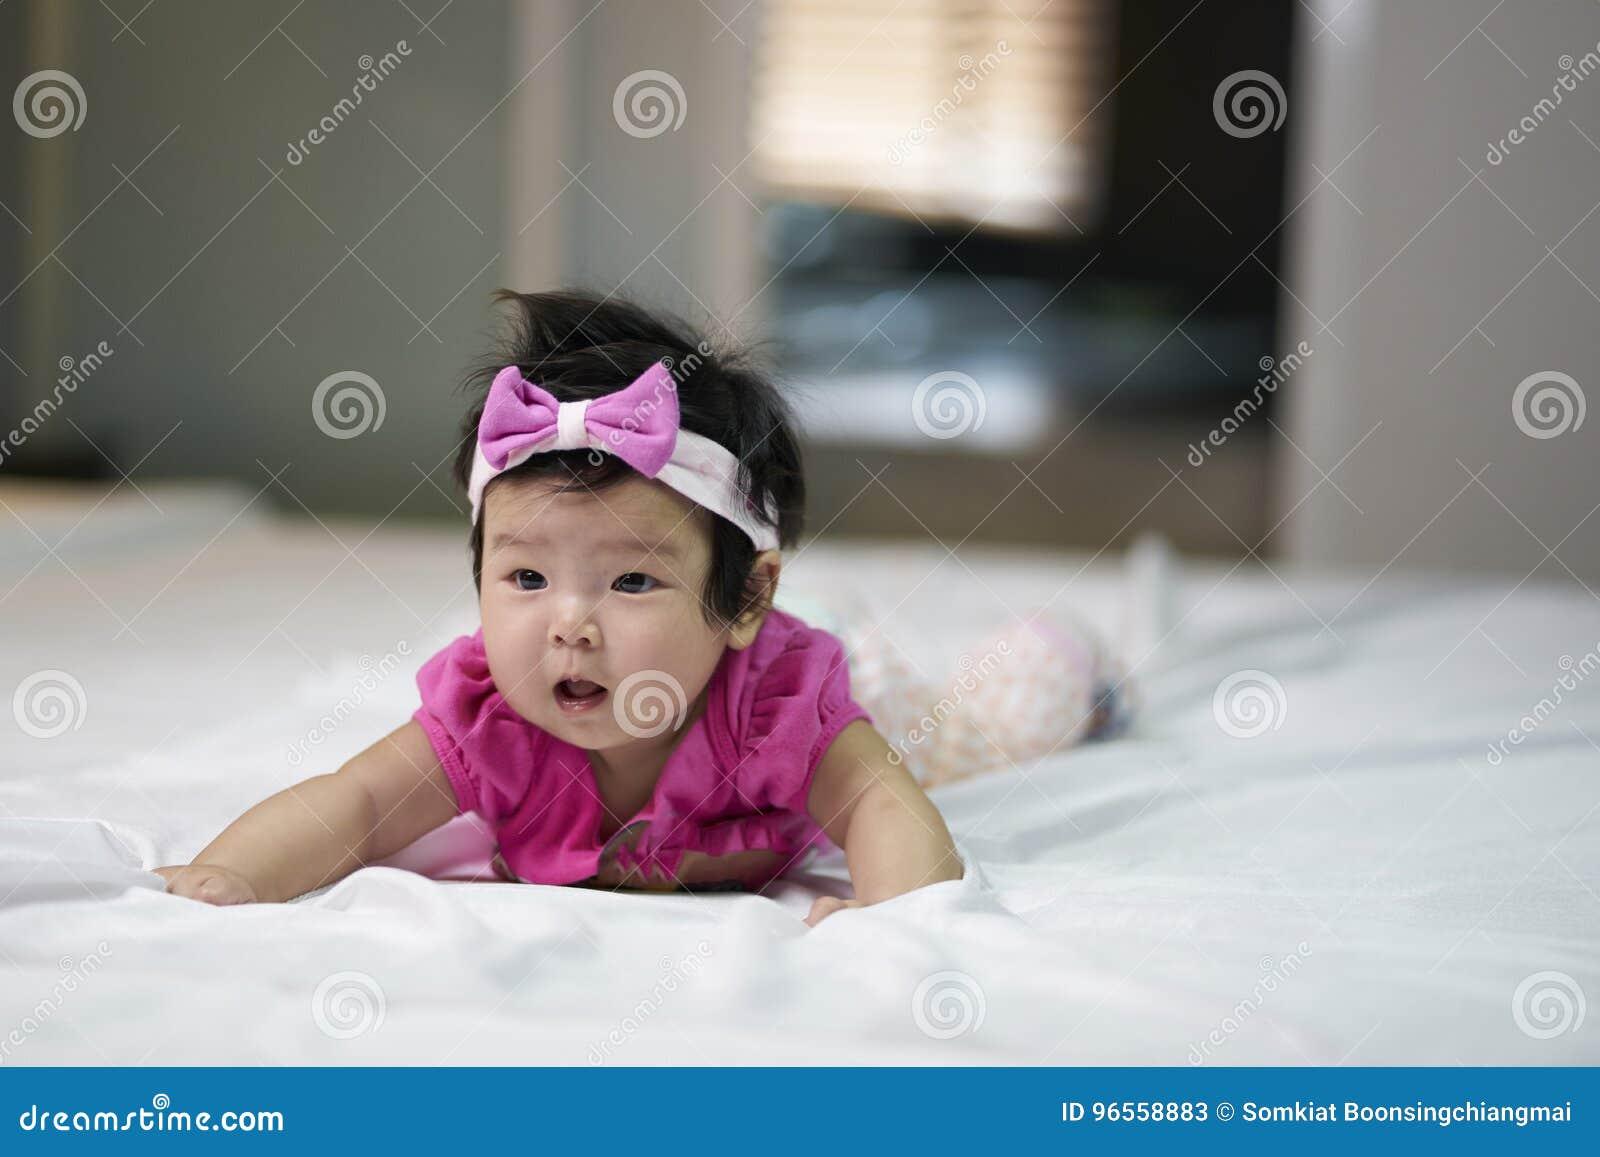 Les enfants mignons dans une bonne humeur se couchent sur le divan